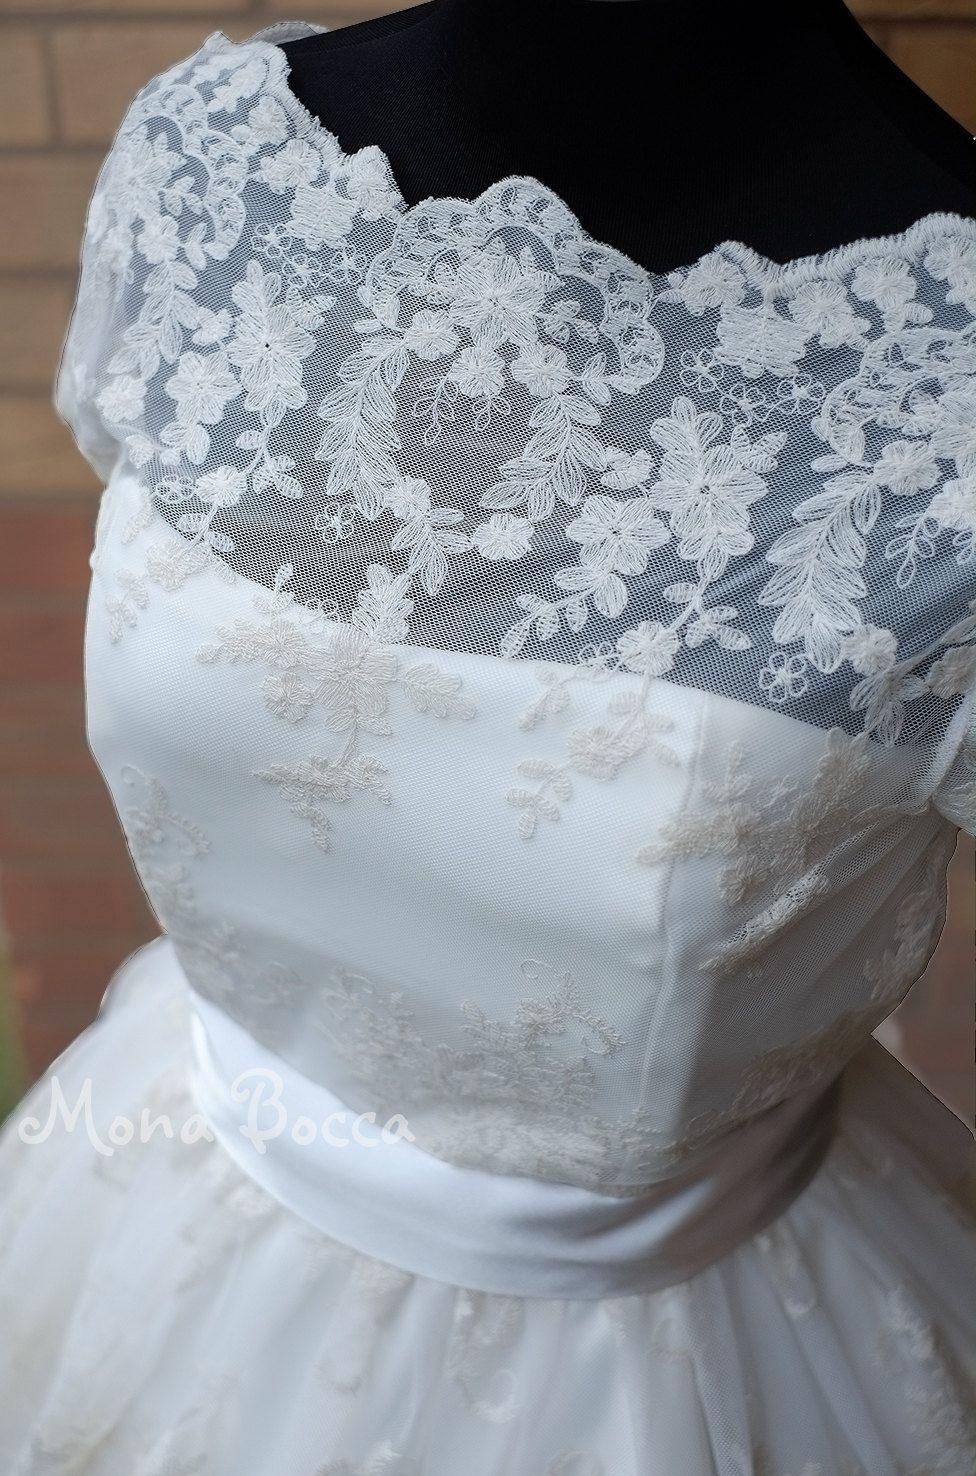 Plus size summer wedding dresses  us wedding dress with Edwardian lace Hepburn style plus size Made